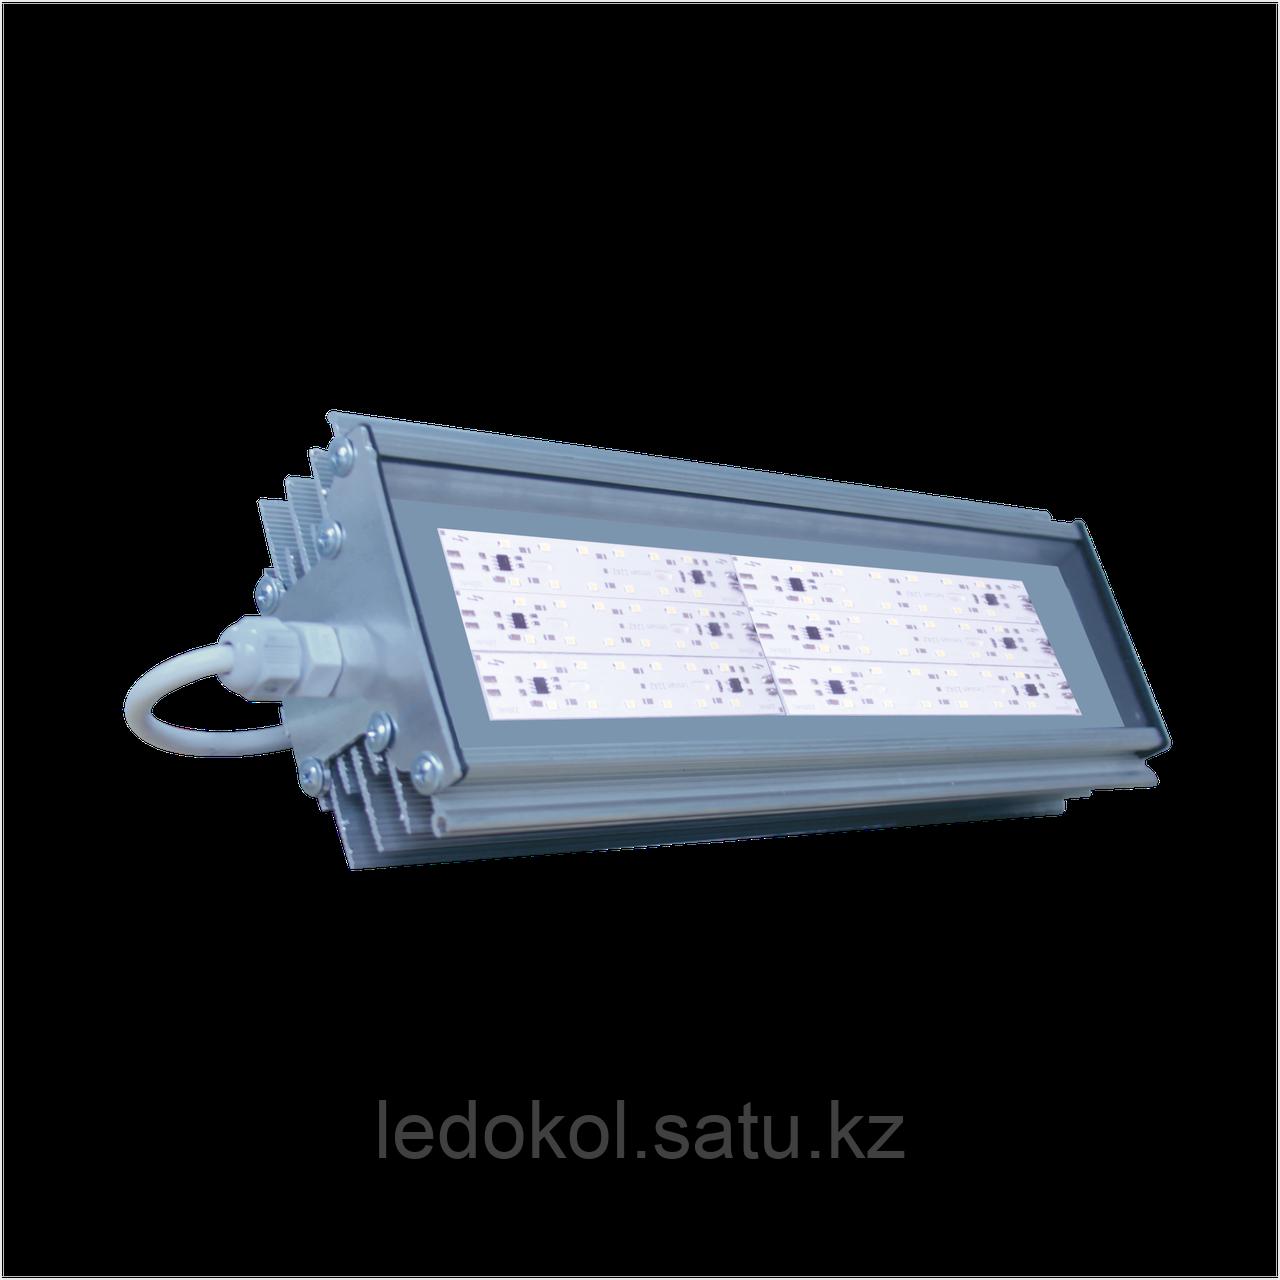 Светильник 60 Вт, Промышленный светодиодный, алюминиевый корпус